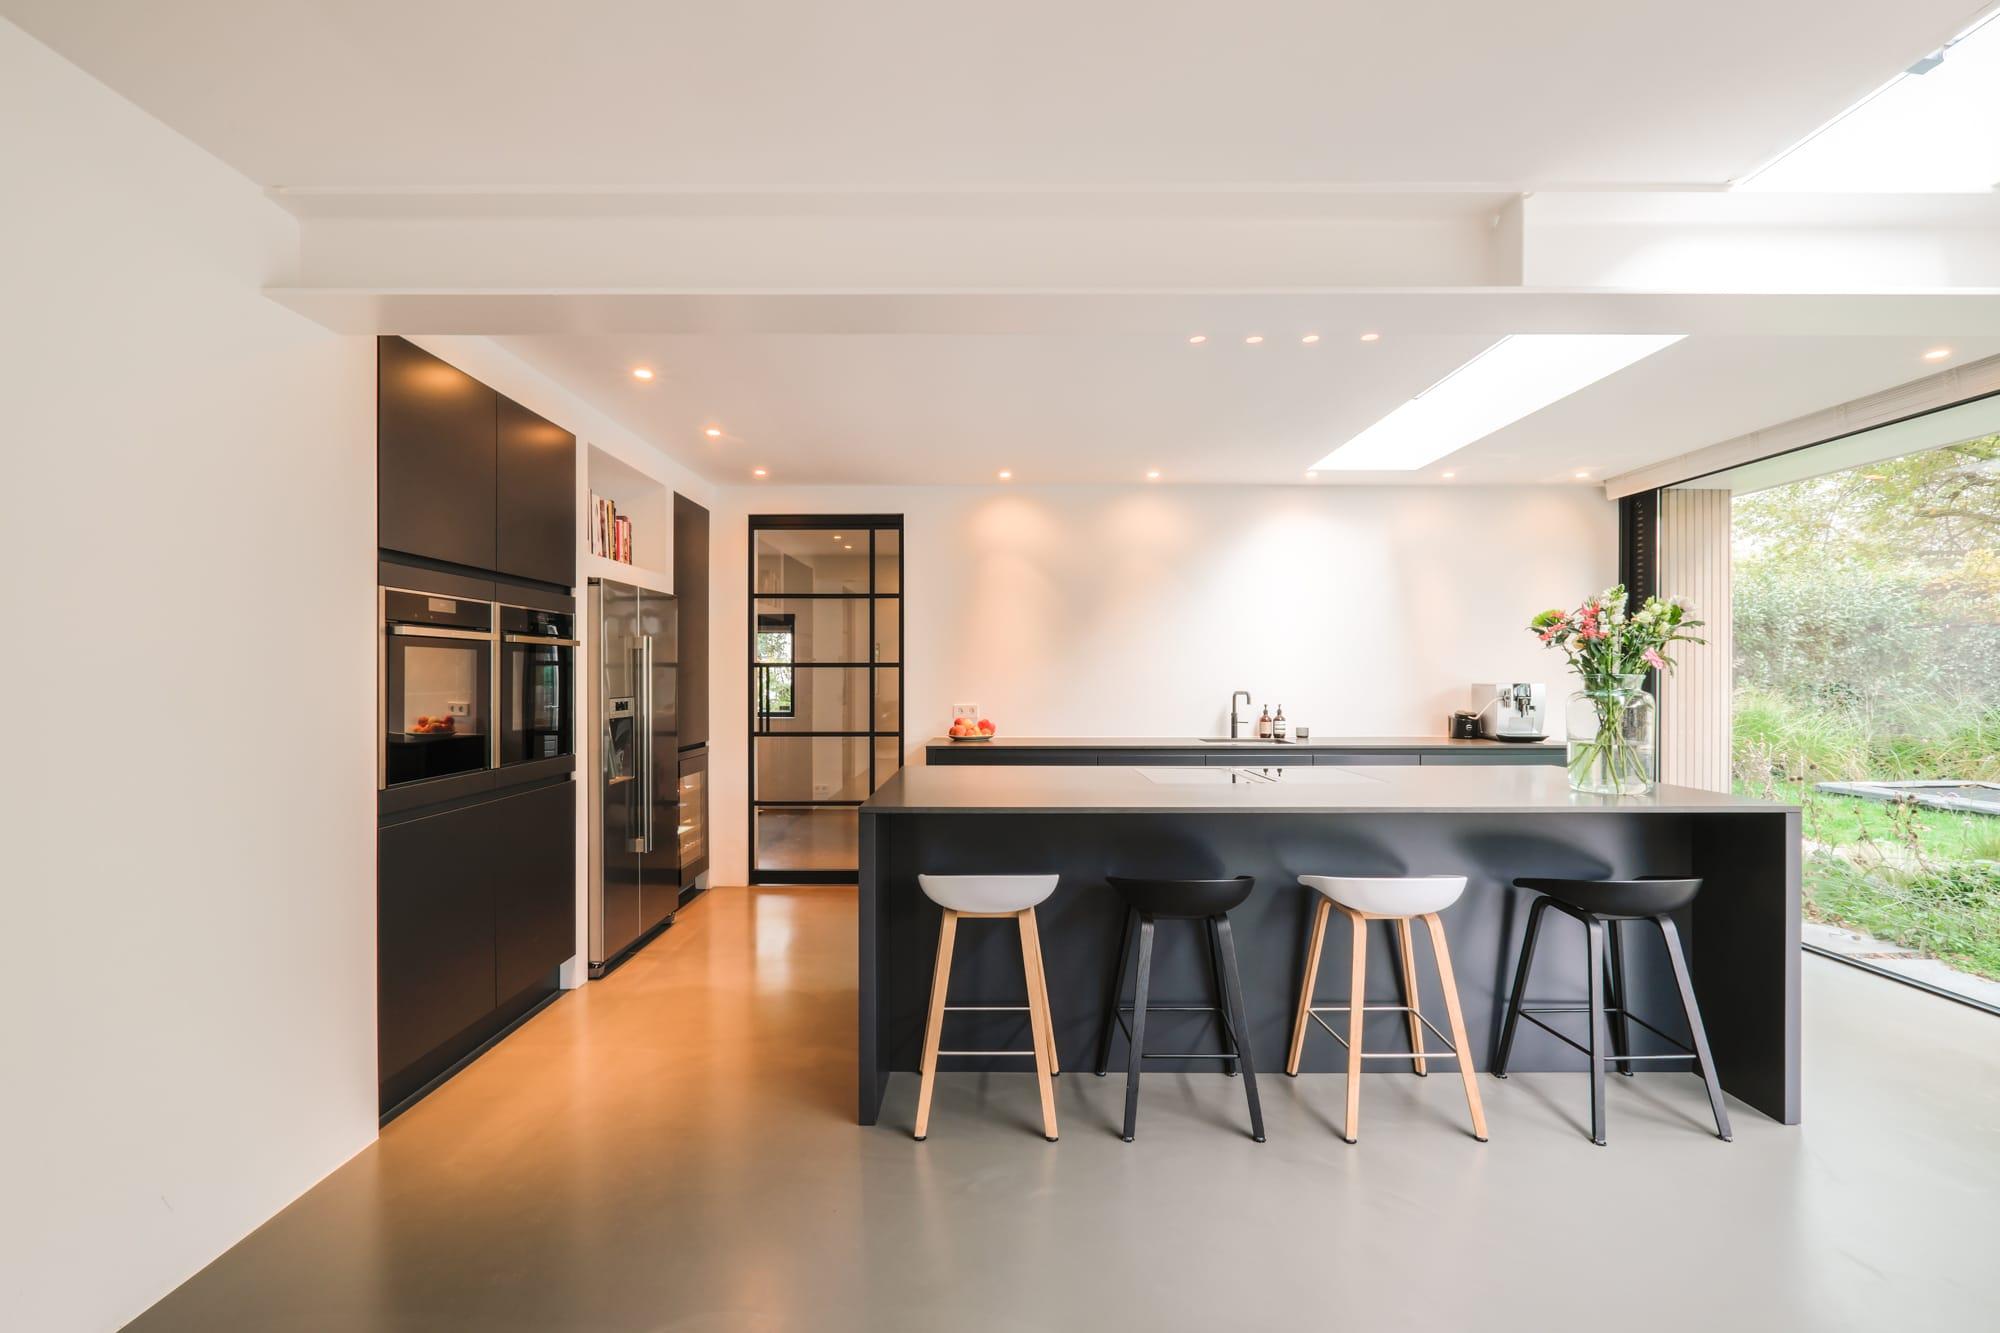 van-os-architecten-breda-ontwerp-moderne-aanbouw-met-aluminium-vouwschuifpui-moderne-matzwarte-keuken-met-kookeiland